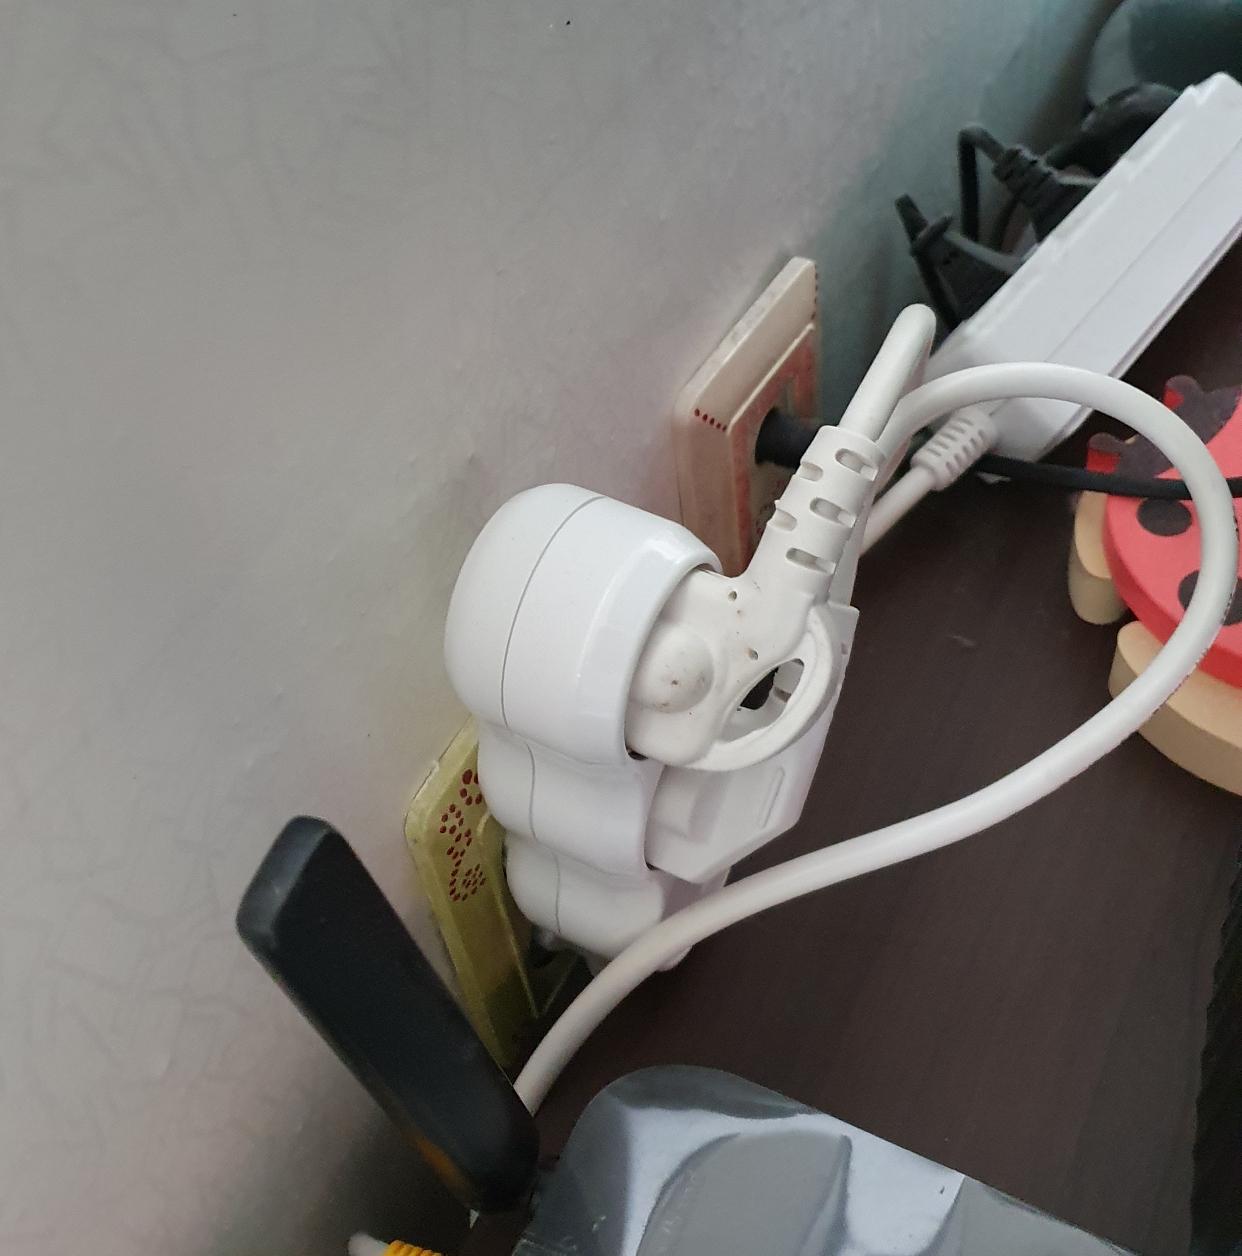 전기난로를 멀티탭에다 꽂아 쓰다가 불날 뻔 했다.